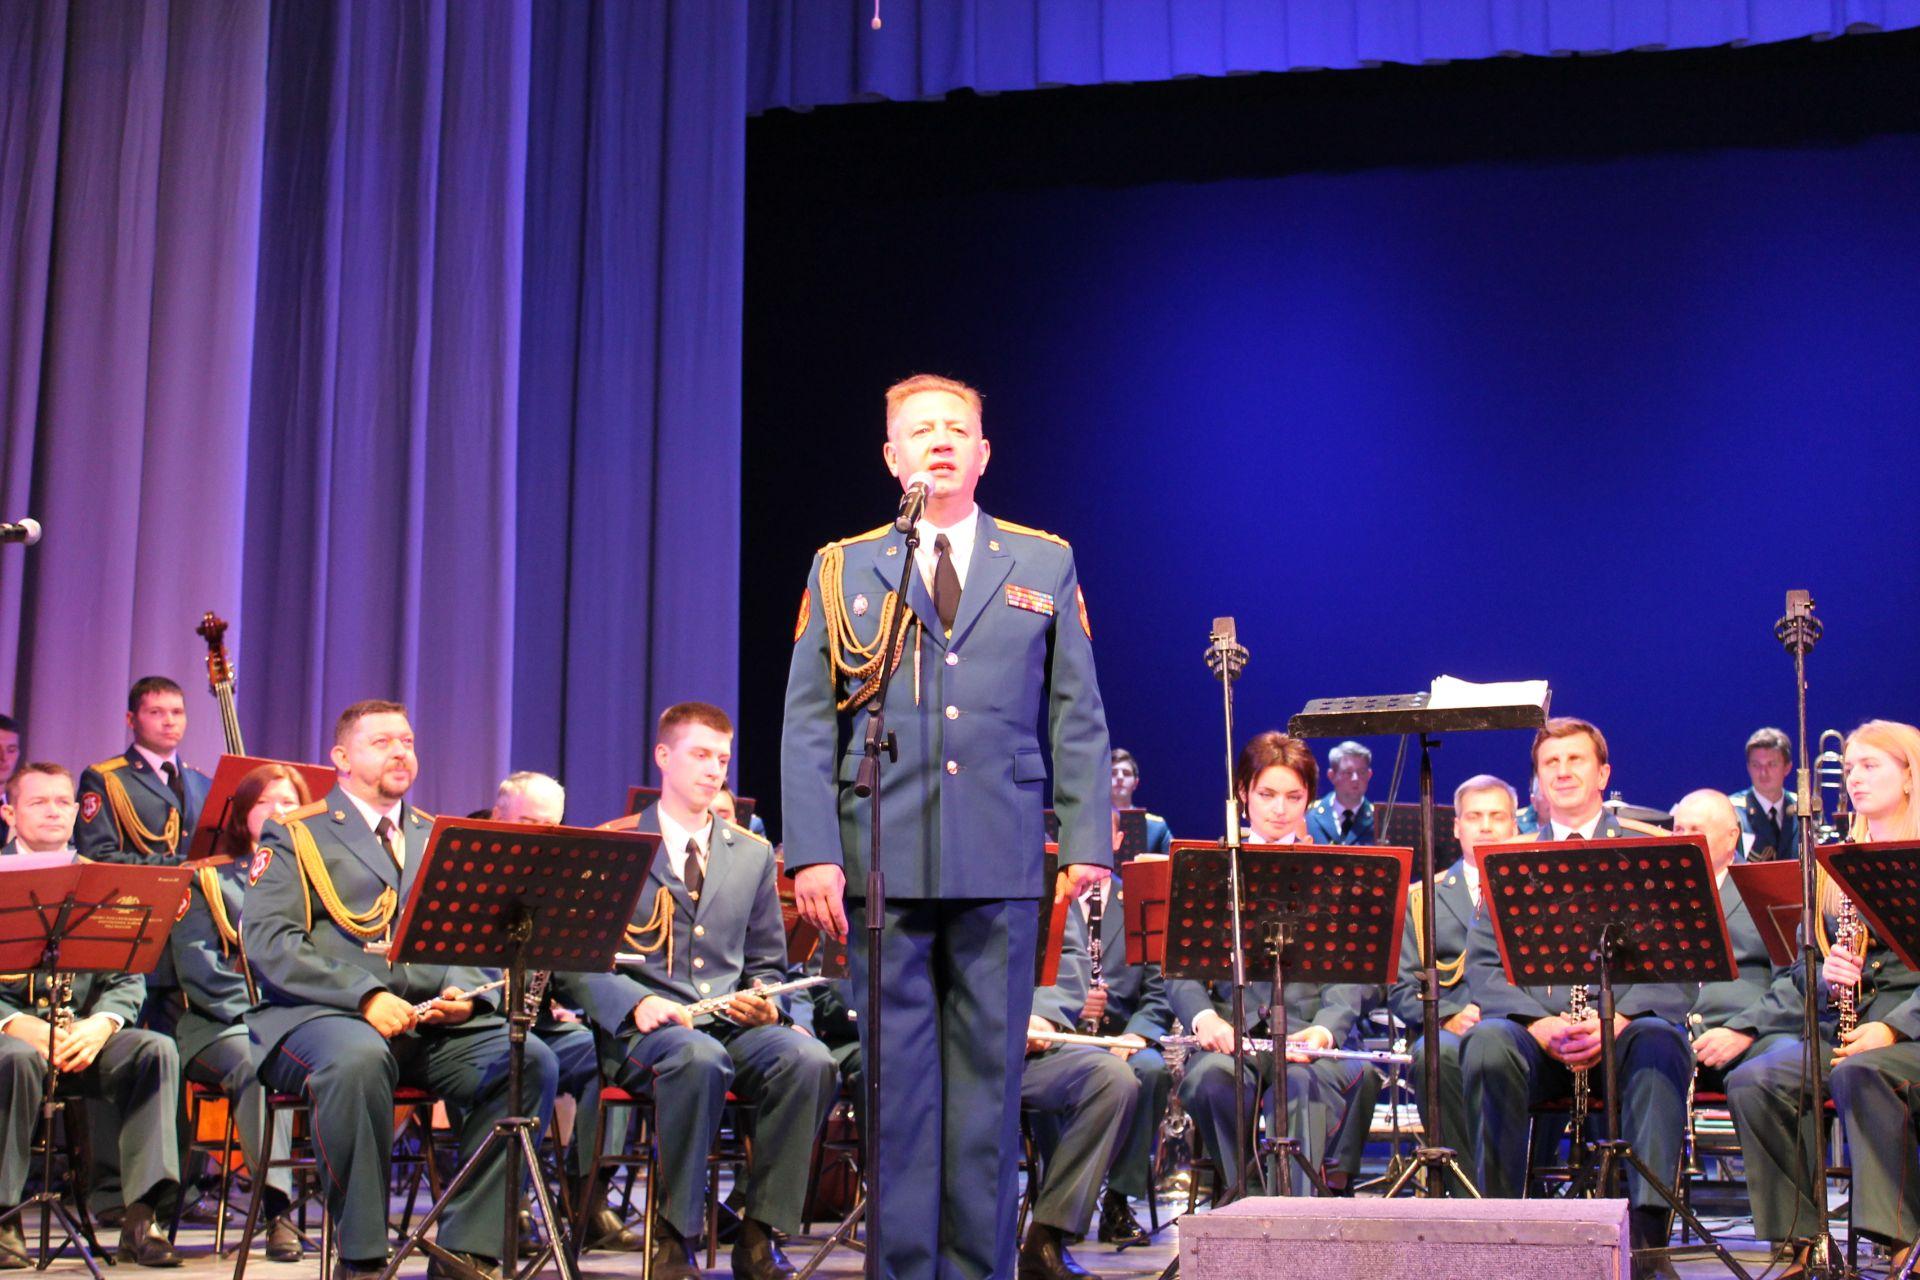 Образцово-показательный симфонический оркестр войск национальной гвардии РФ дал бесплатный концерт для новочеркасцев